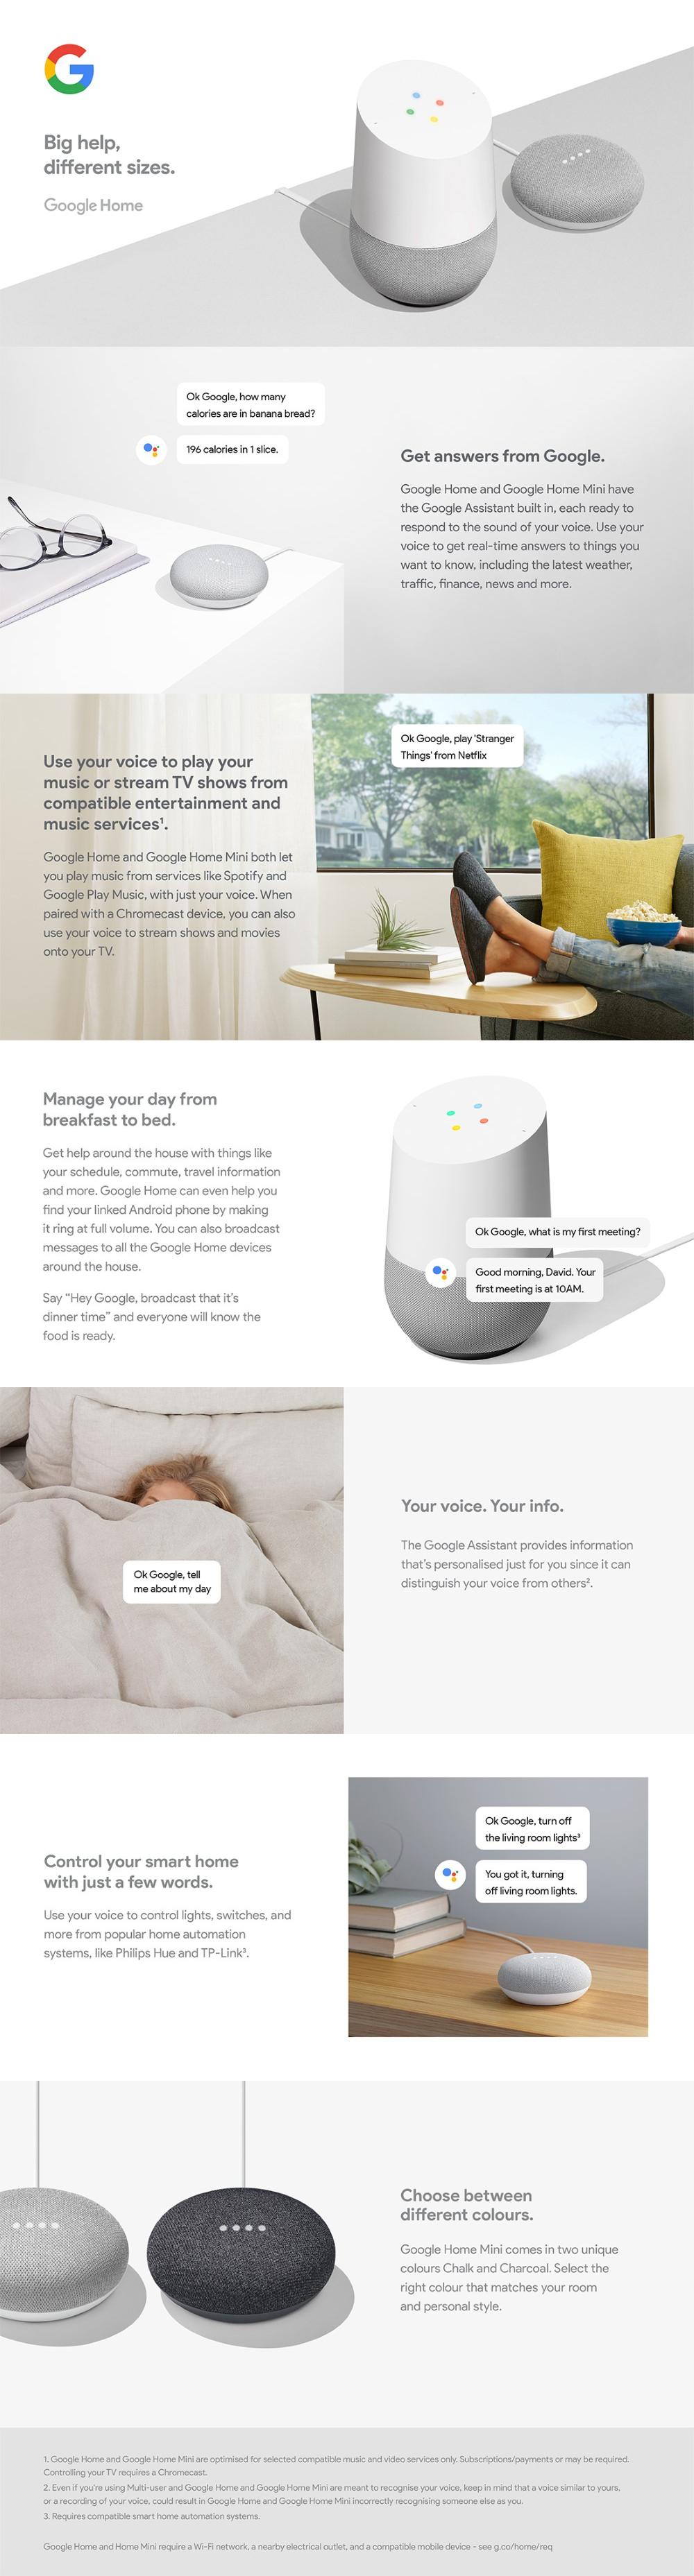 Google Home Mini SG (Charcoal)